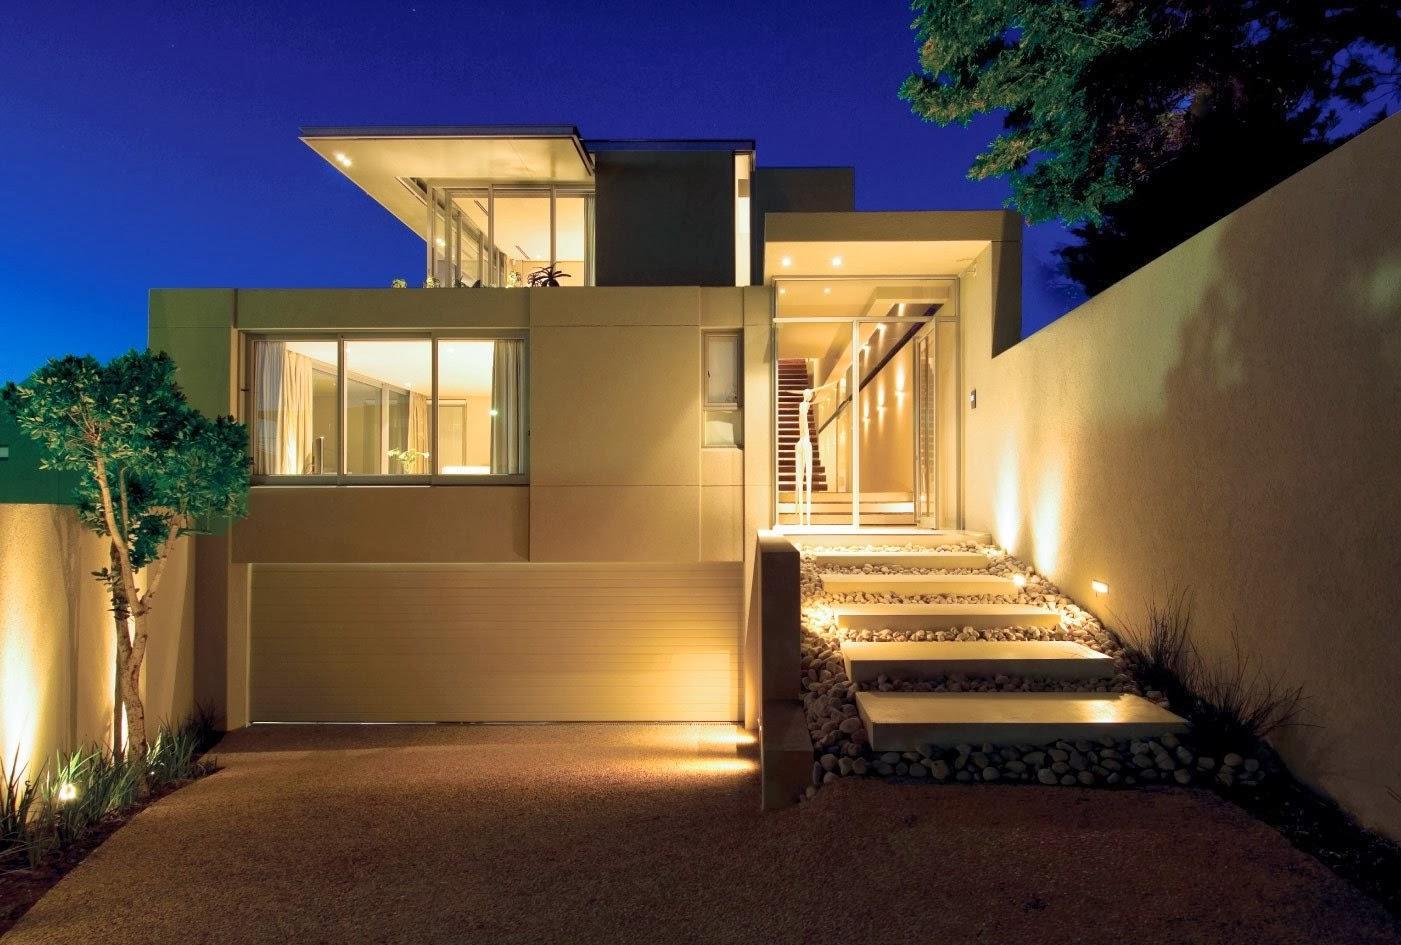 bagi anda yang ingin memiliki rumah idaman khususnya minimalis desain pencahayaan sangat penting untuk dilakukan rumah ibarat surga ada